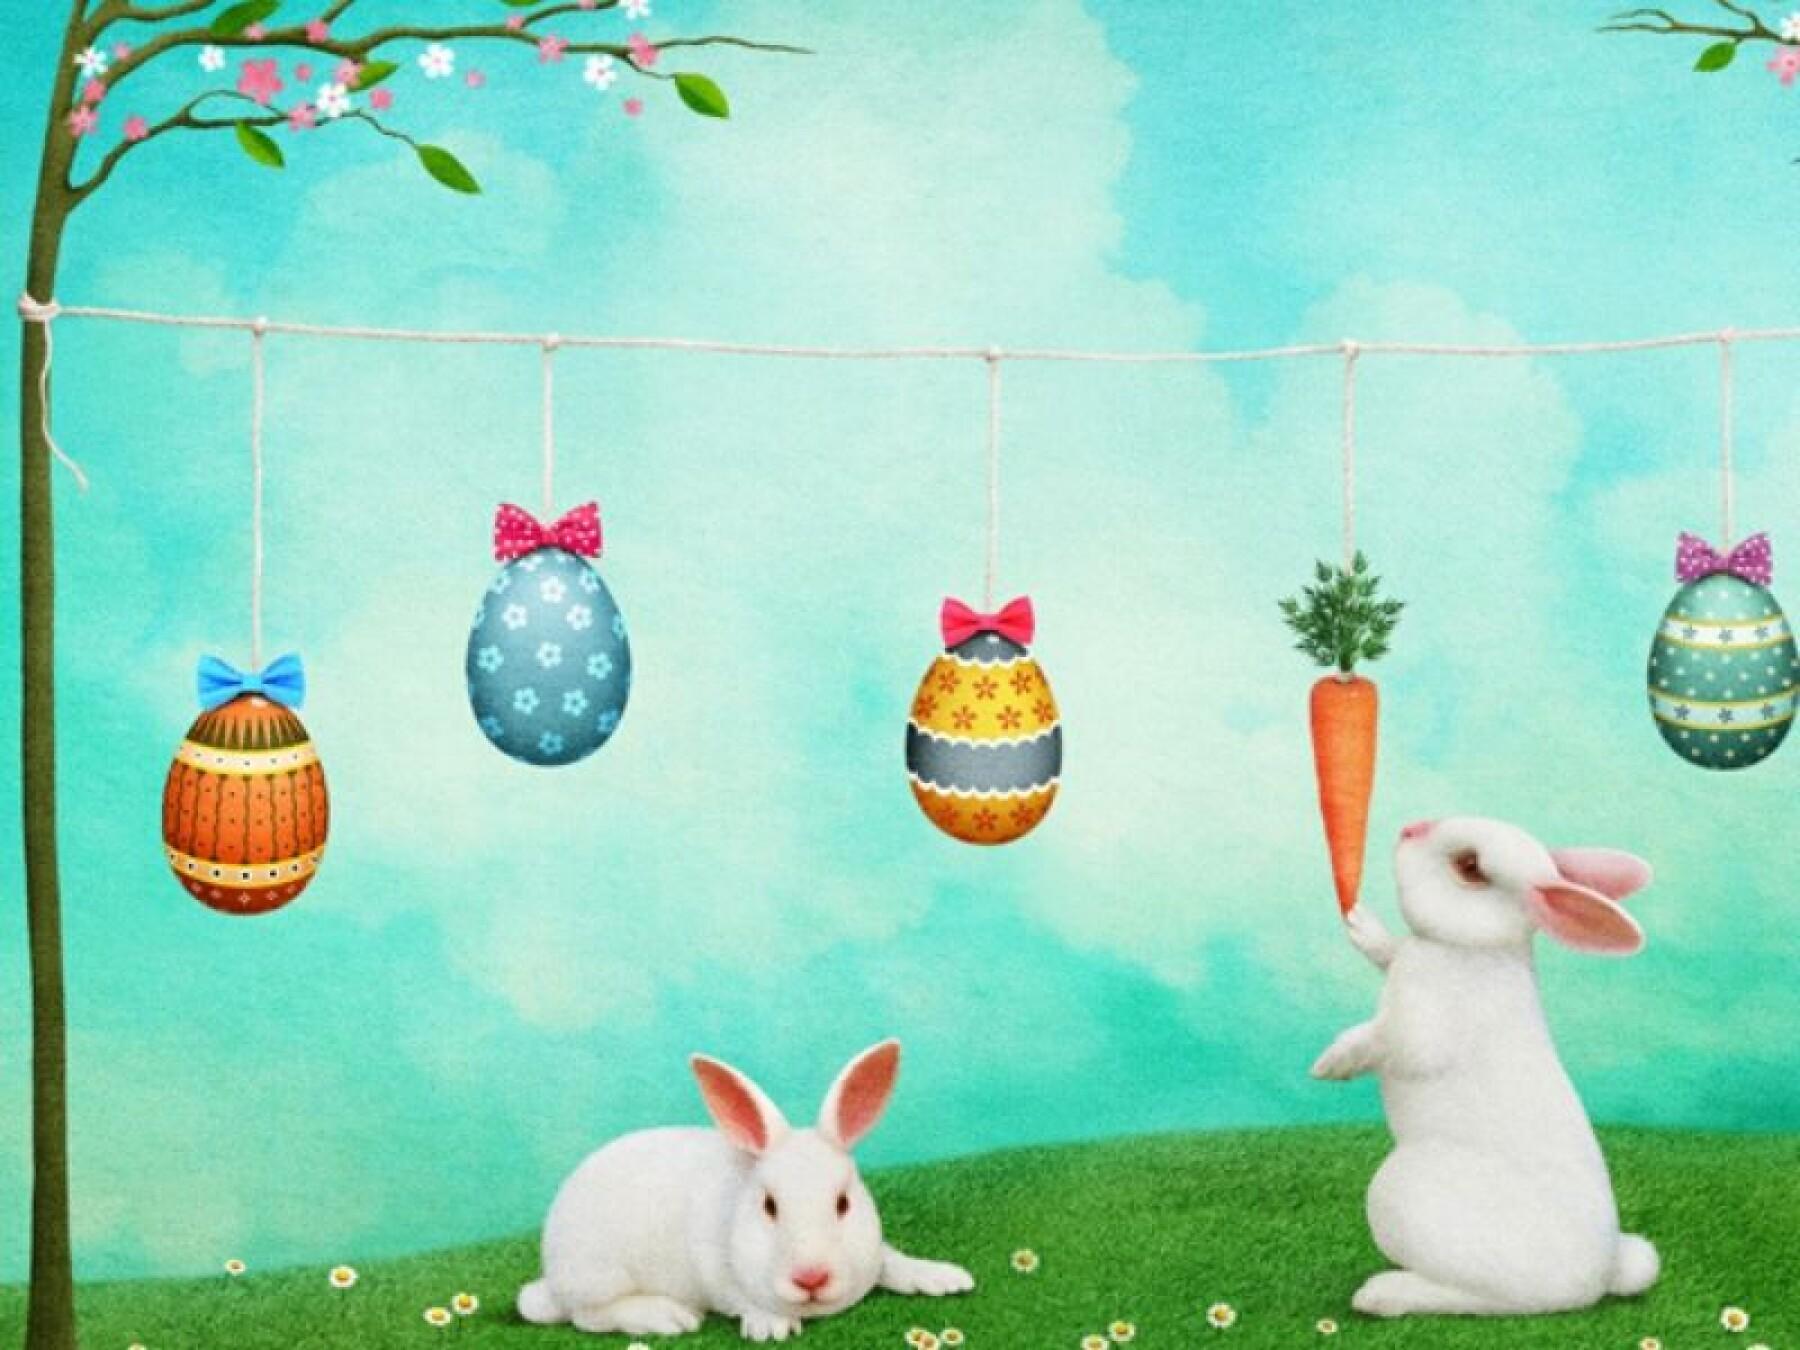 Jeu des différences du jardin de Pâques